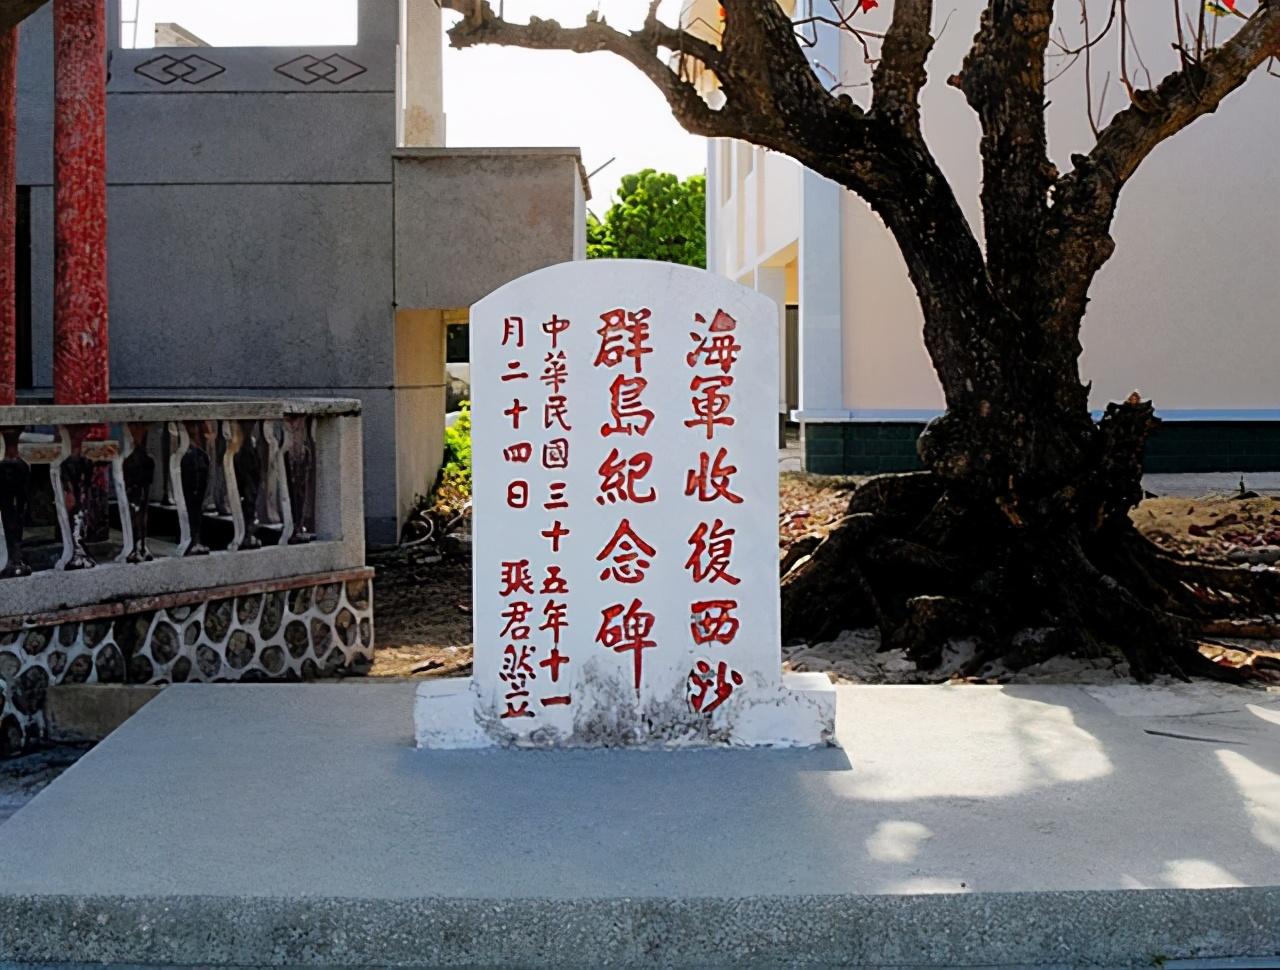 三座岛礁被占数年,中国一次性全收回,为我国海军奠定了战略基础